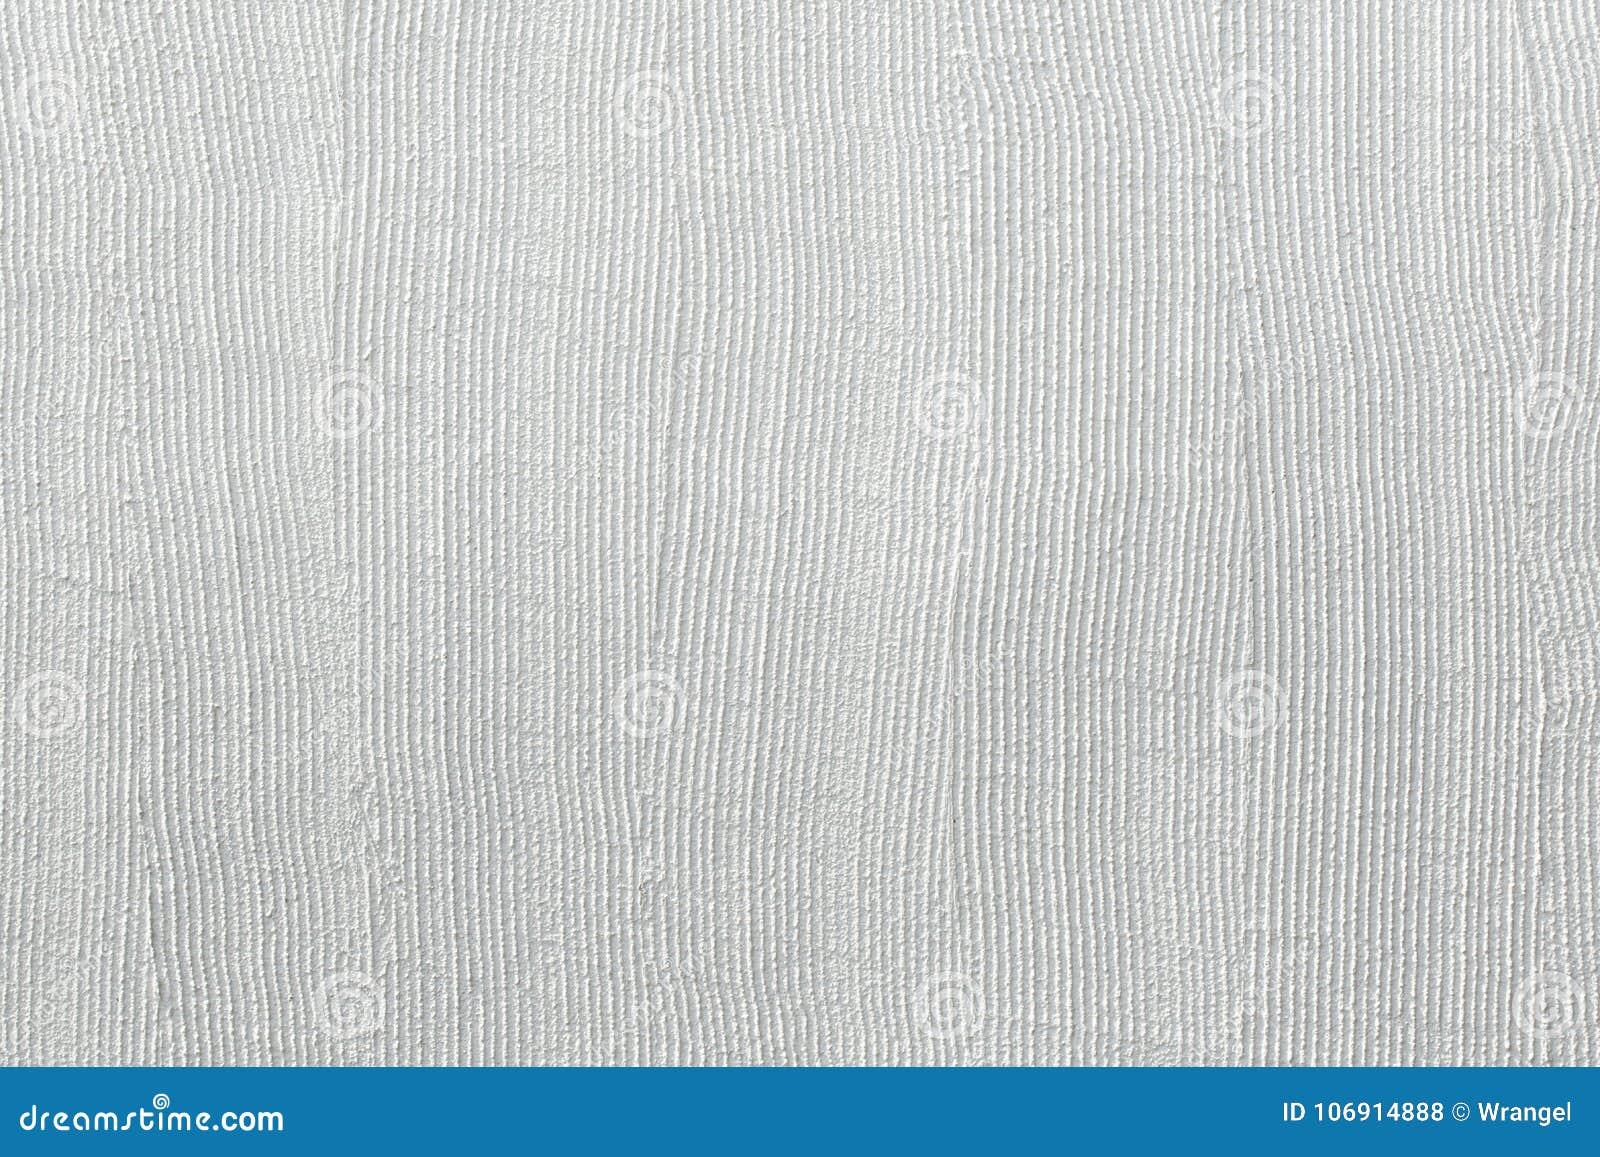 Biel malująca stiuk ściana tło szczegółów tekstury okno stary drewniane